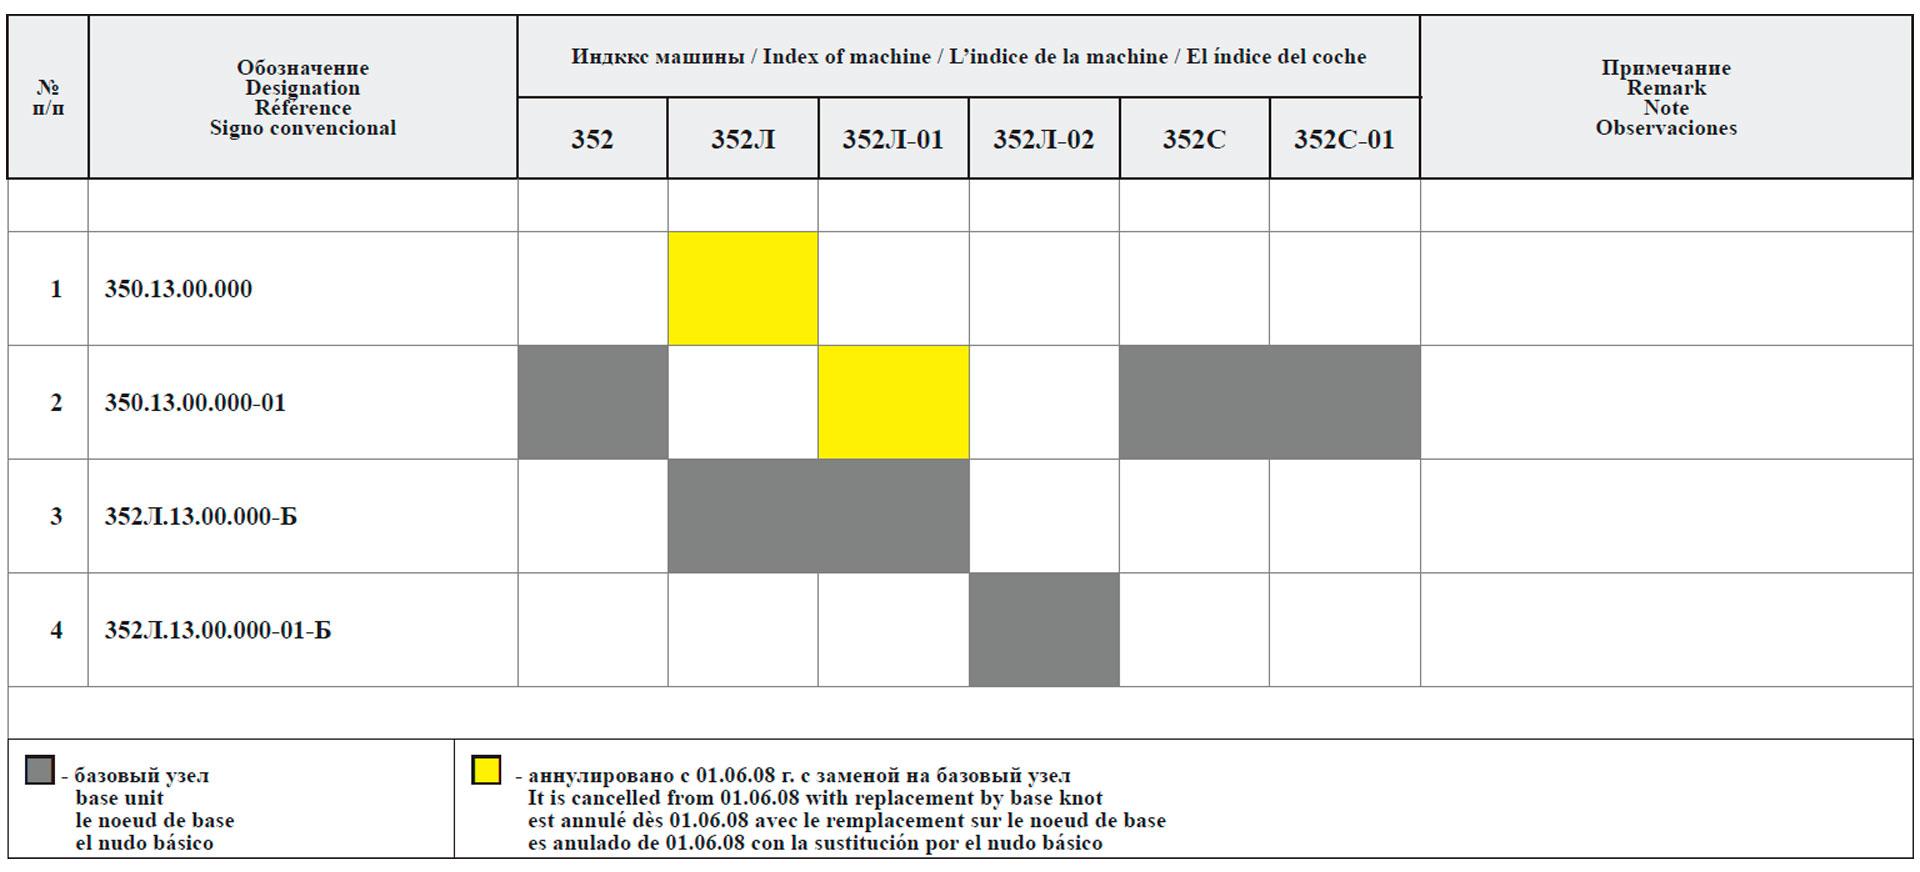 Сводная таблица исполнений облицовок для машин грузоподъемностью 5 т